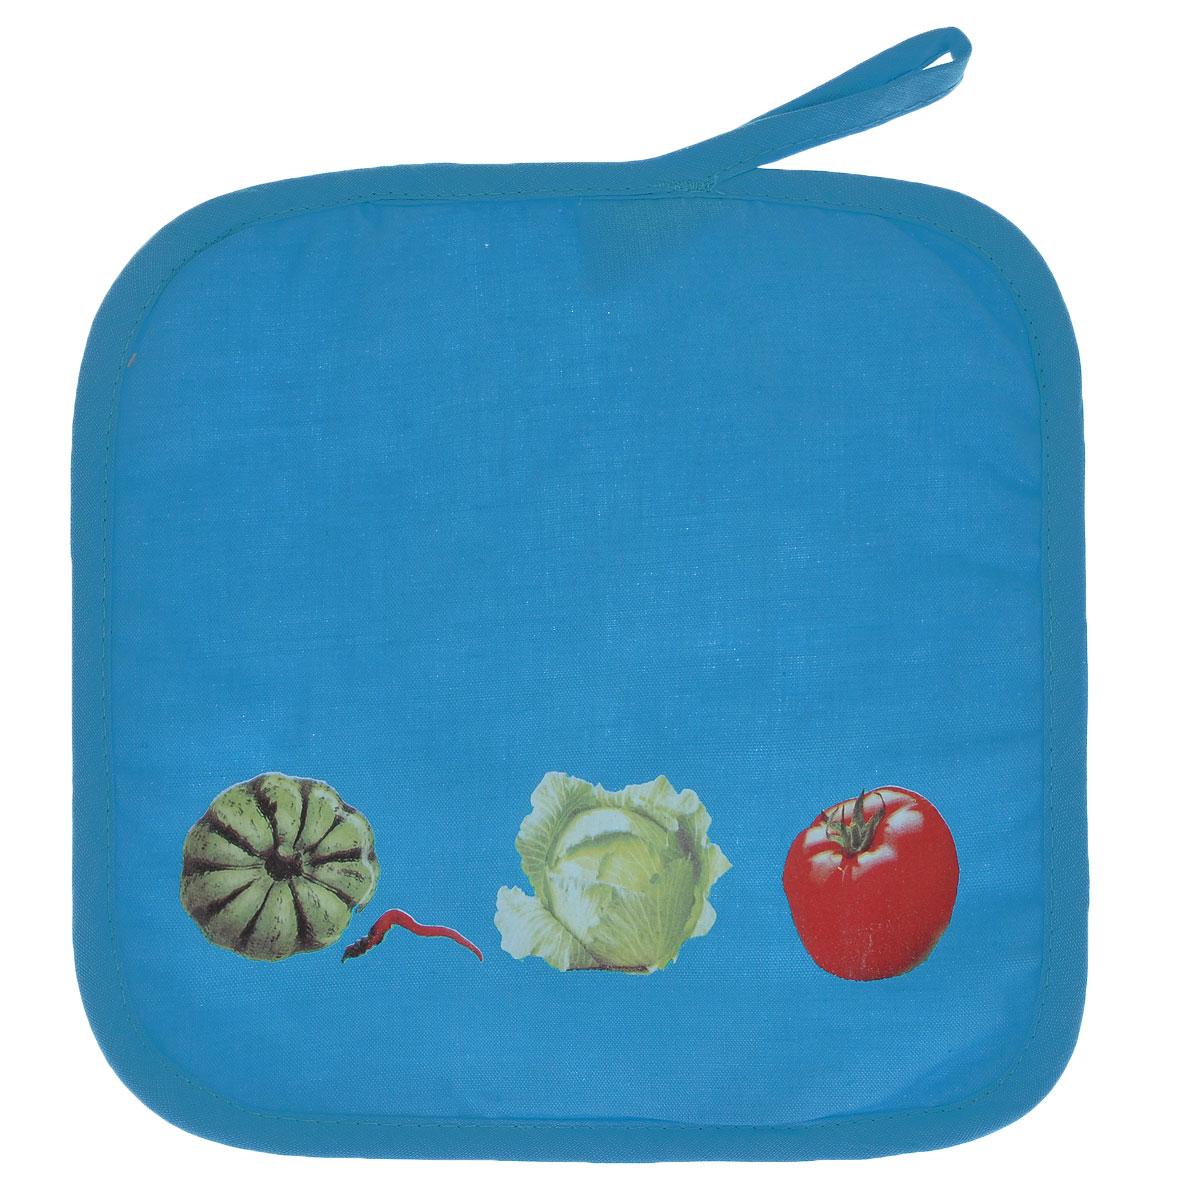 Прихватка Едим дома, цвет: голубой, 20 х 20 см2014-143Прихватка Едим дома, выполненная из хлопка и полиэстера, станет украшением любой кухни. Изделие защитит ваши руки от ожогов и воздействия высоких температур, а интересный дизайн разнообразит интерьер вашей кухни. С помощью специальной петельки, прихватку можно вешать на крючок. Отличный вариант для практичной и современной хозяйки.